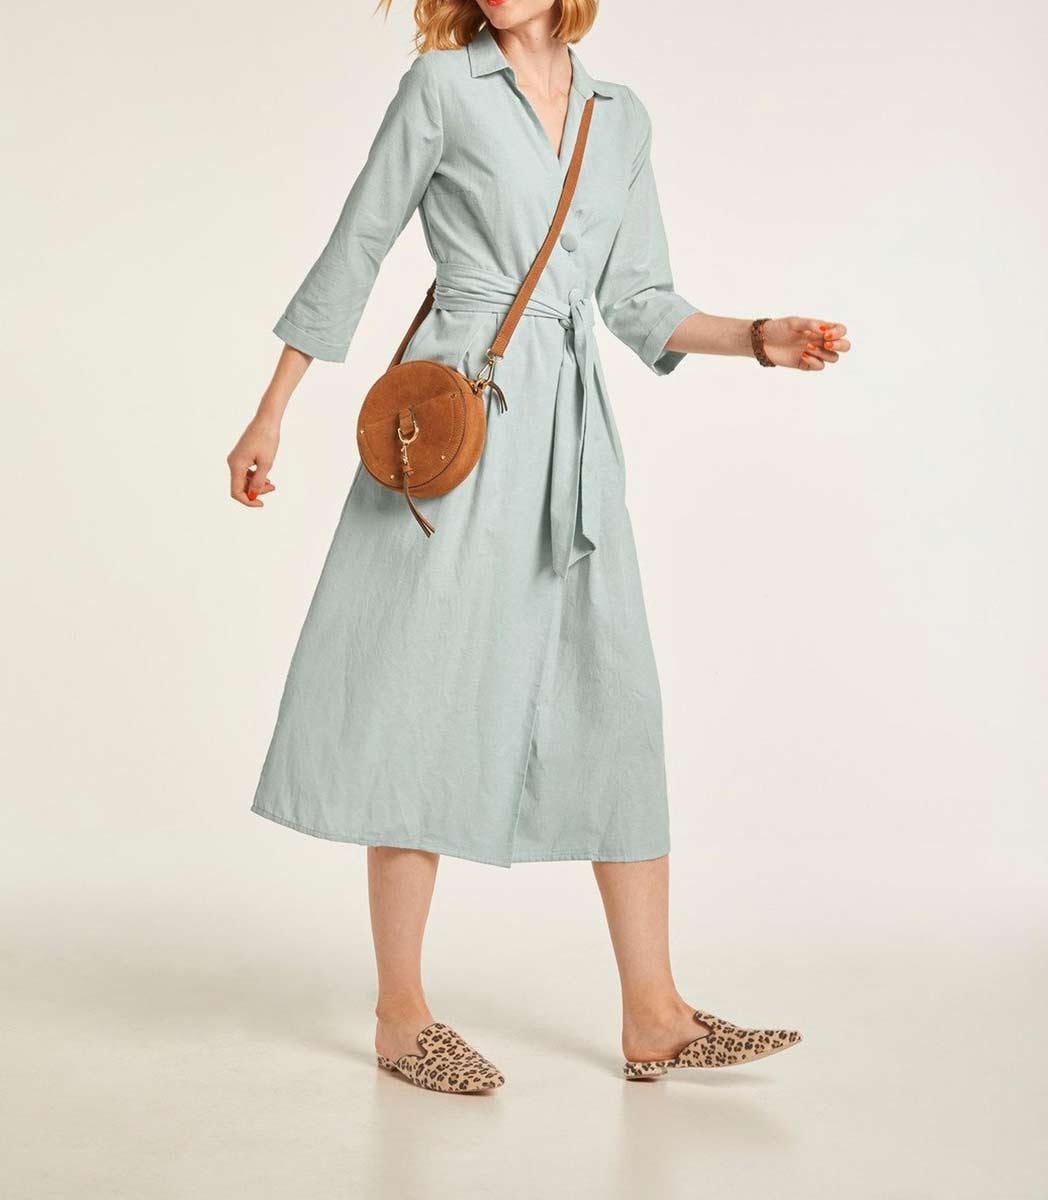 wadenlange kleider für besondere anlässe HEINE Damen Designer-Leinenkleid Bindegürtel Sommerkleid Midikleid Pastell Mint 520.532 missforty